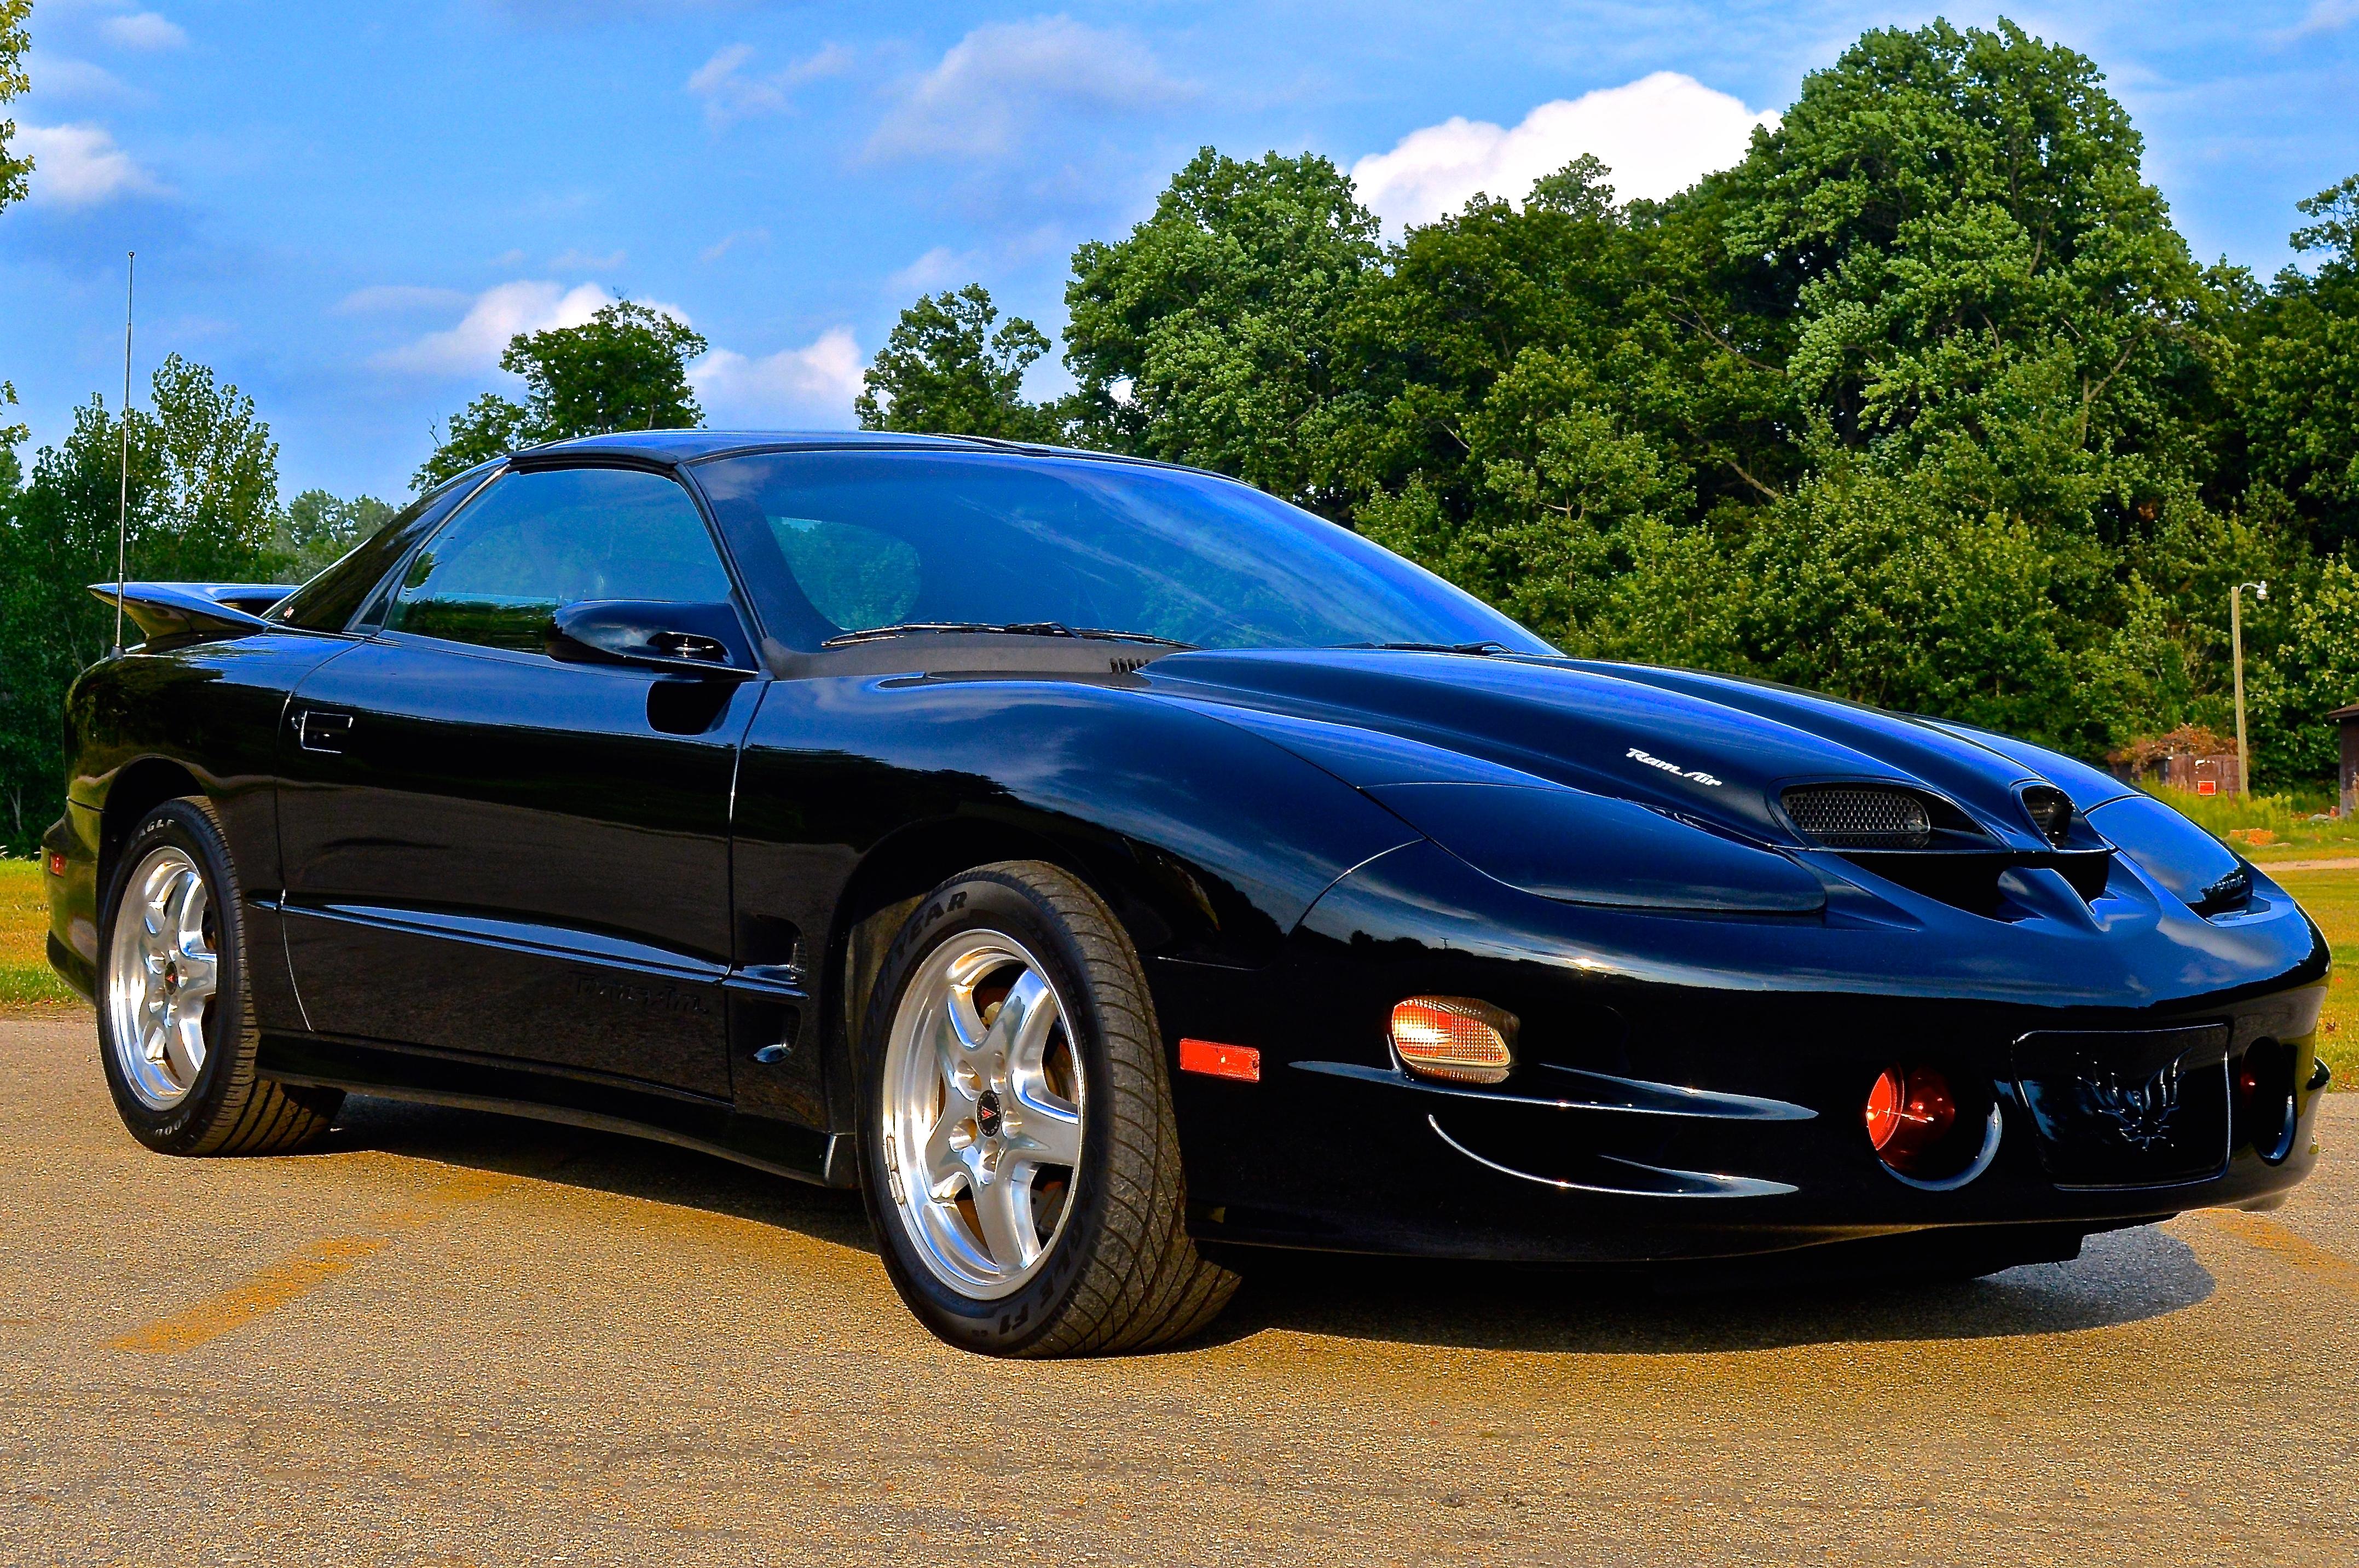 Pontiac Firebird IV 1993 - 2002 Coupe #4